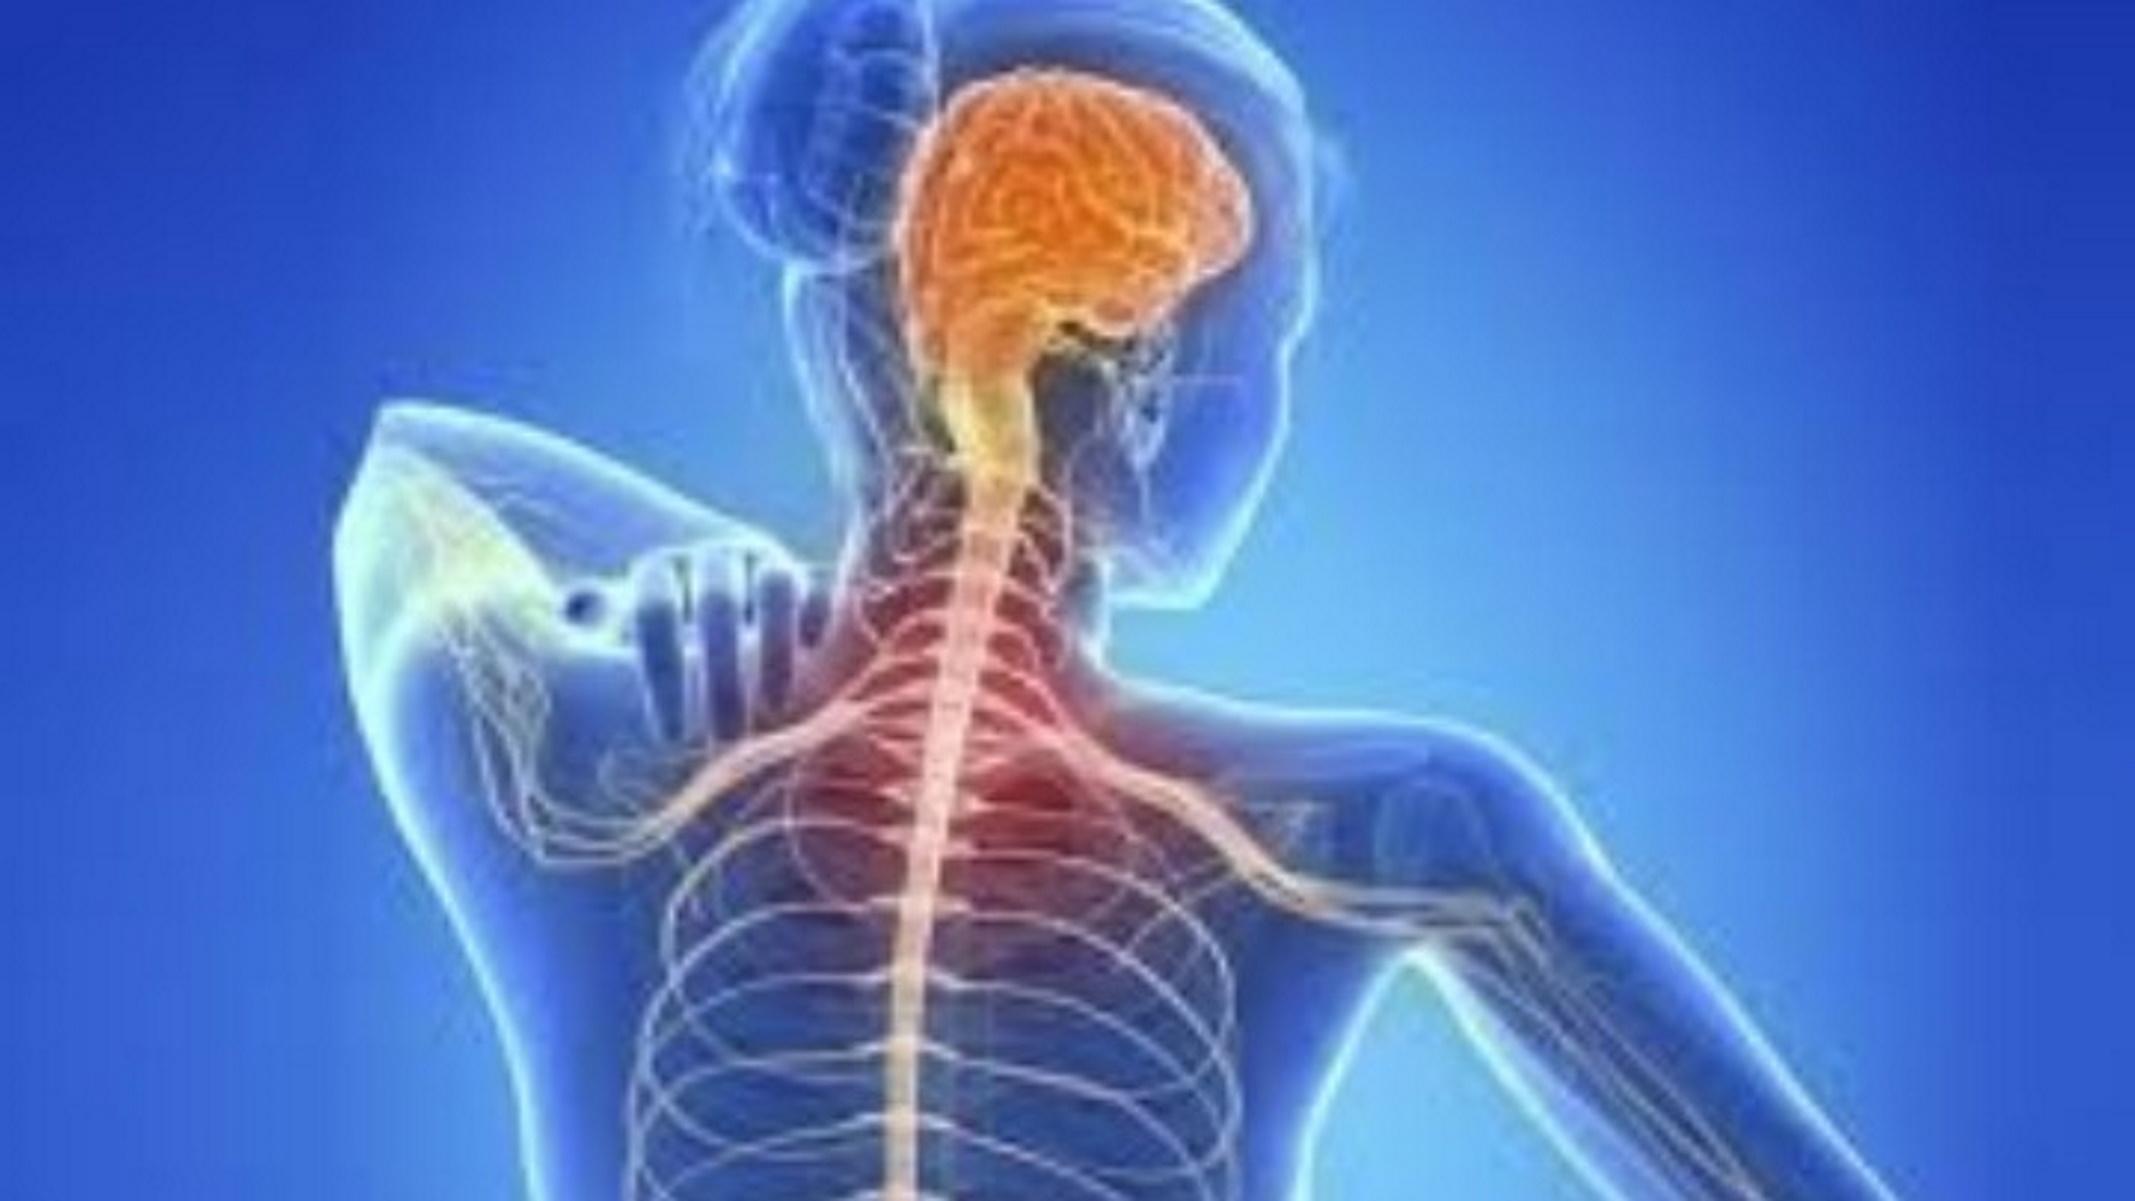 Έρευνα – σοκ: Μεγαλύτερος κίνδυνος θανάτου από κορονοϊό ασθενών με πολλαπλή σκλήρυνση